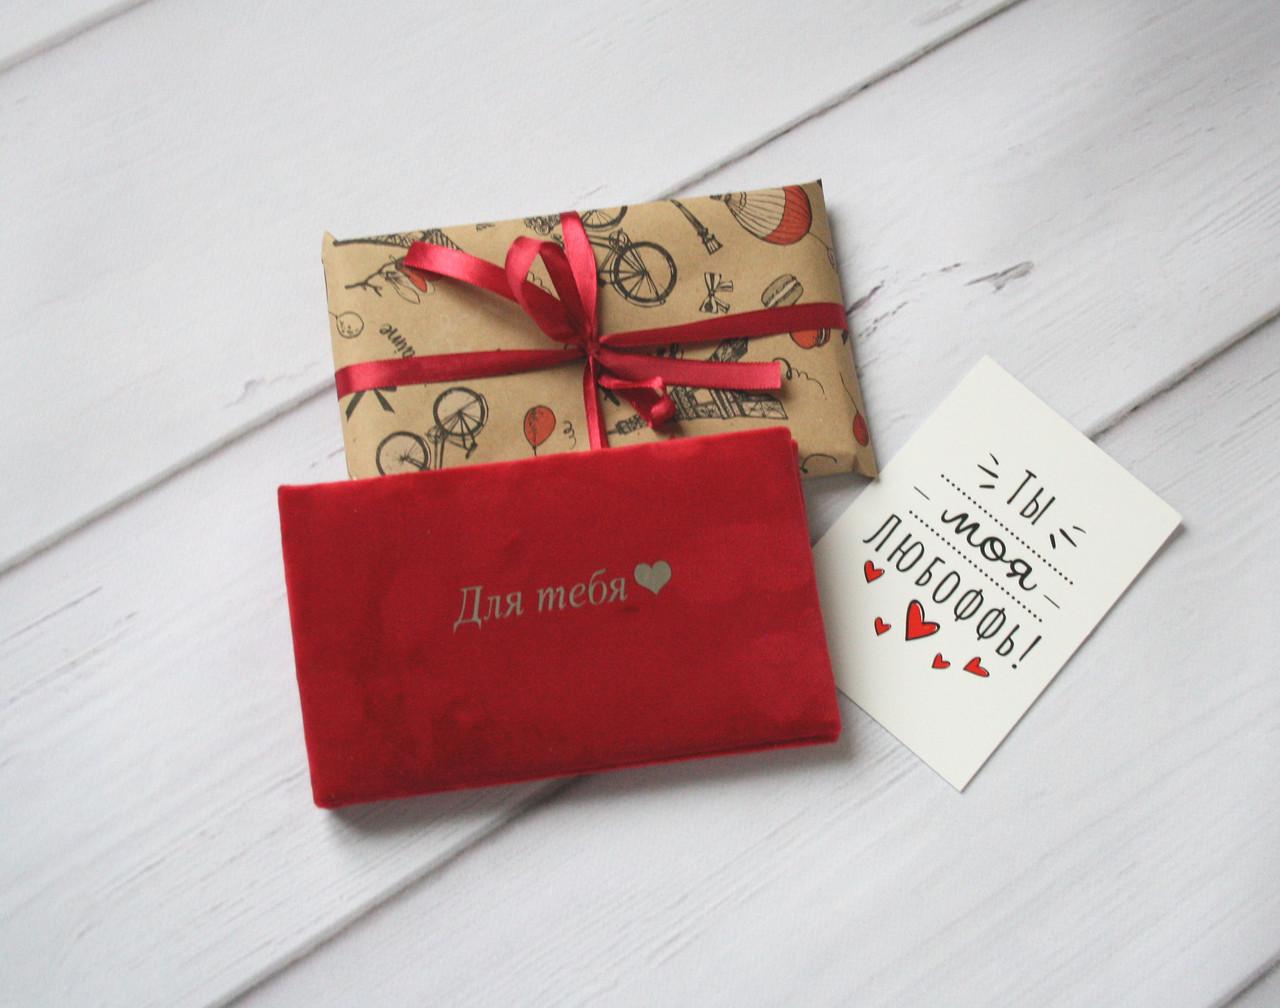 Чековая книга желаний для нее с любой надписью, подарок девушке, подарок на день рождения